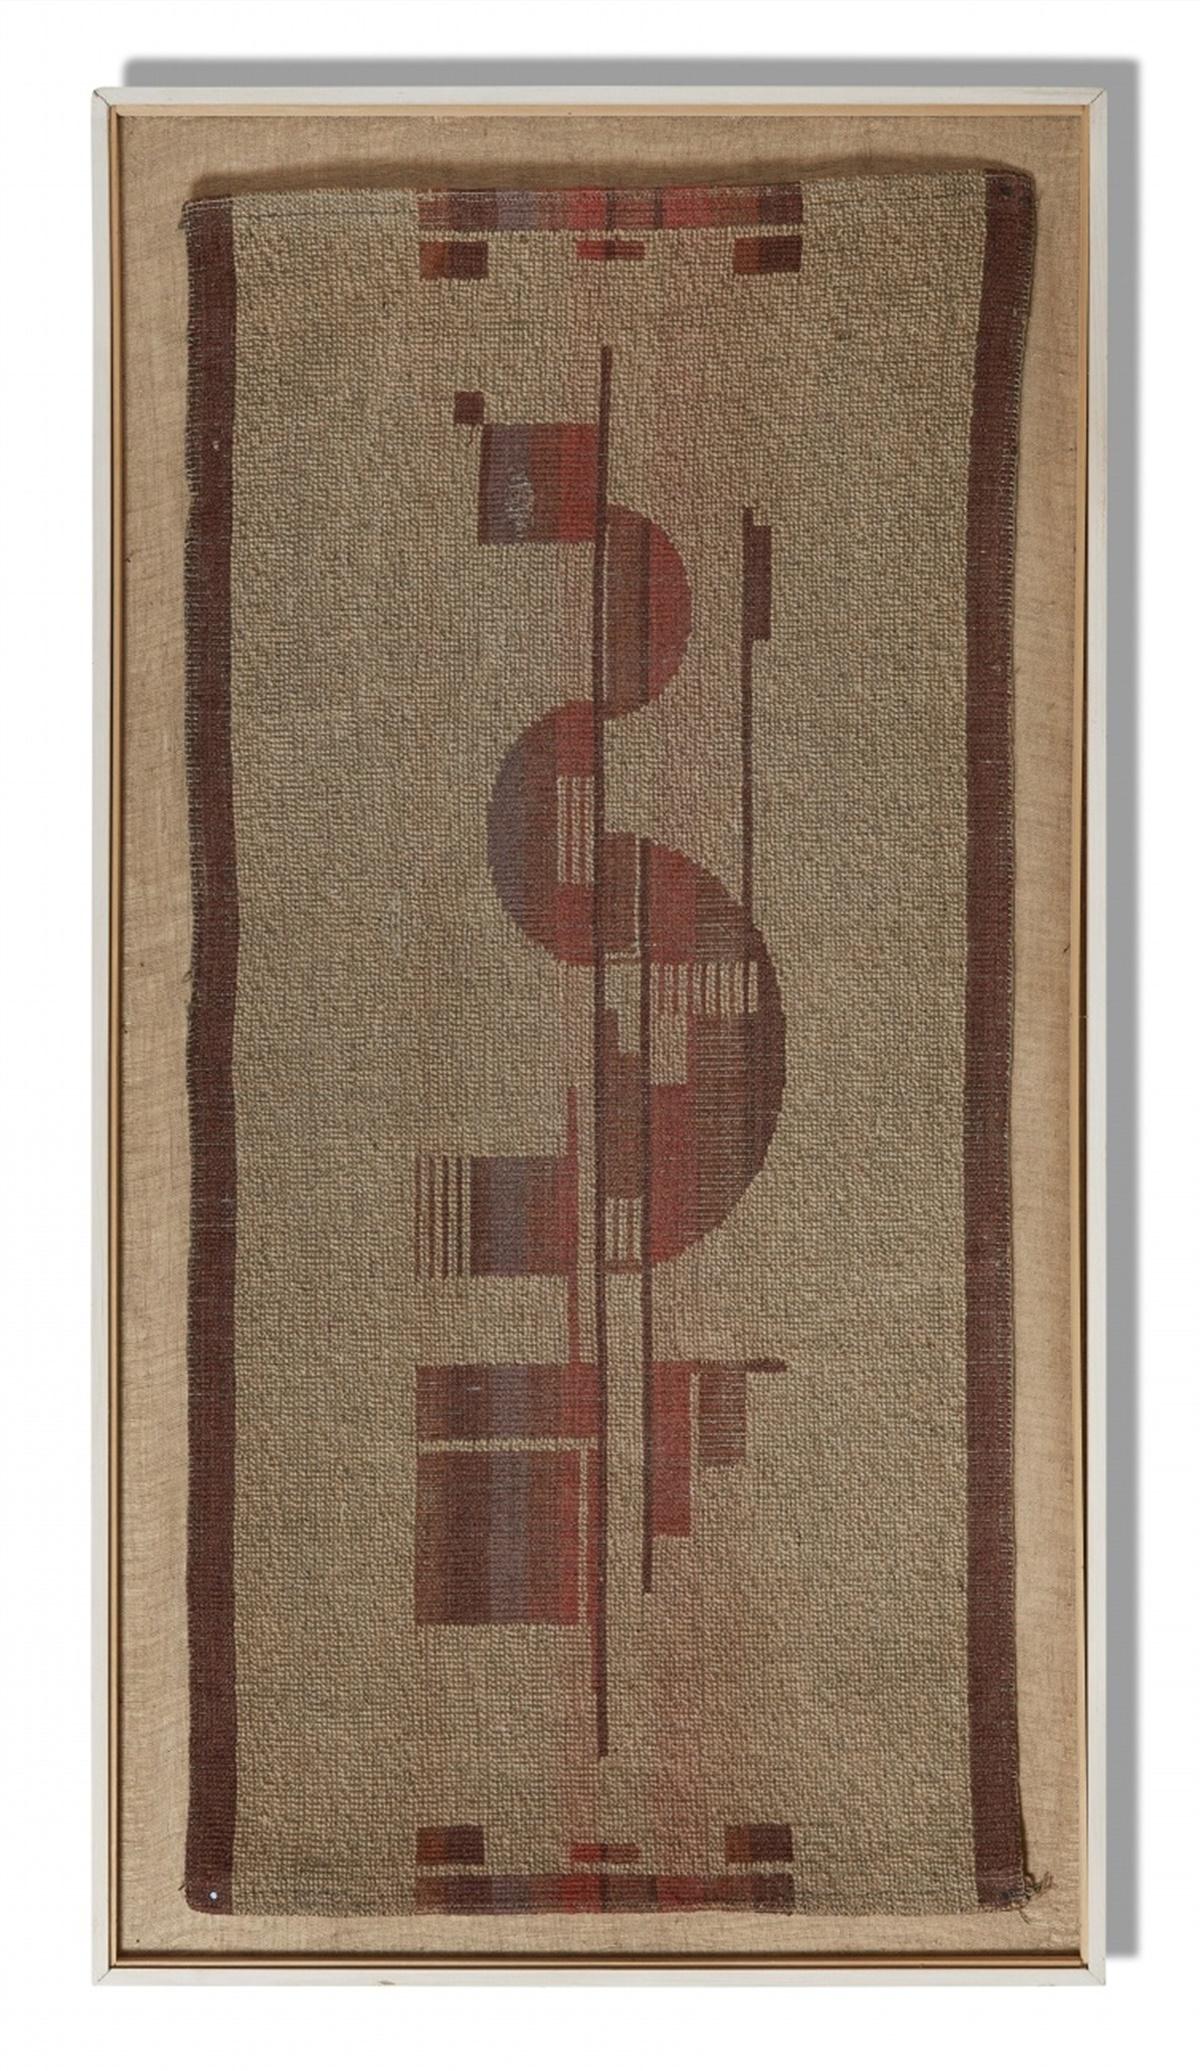 Lot 67 - Bauhaus-GewebeWolle, montiert auf Stramin, gerahmt. Als zentrales Motiv geometrische Formen